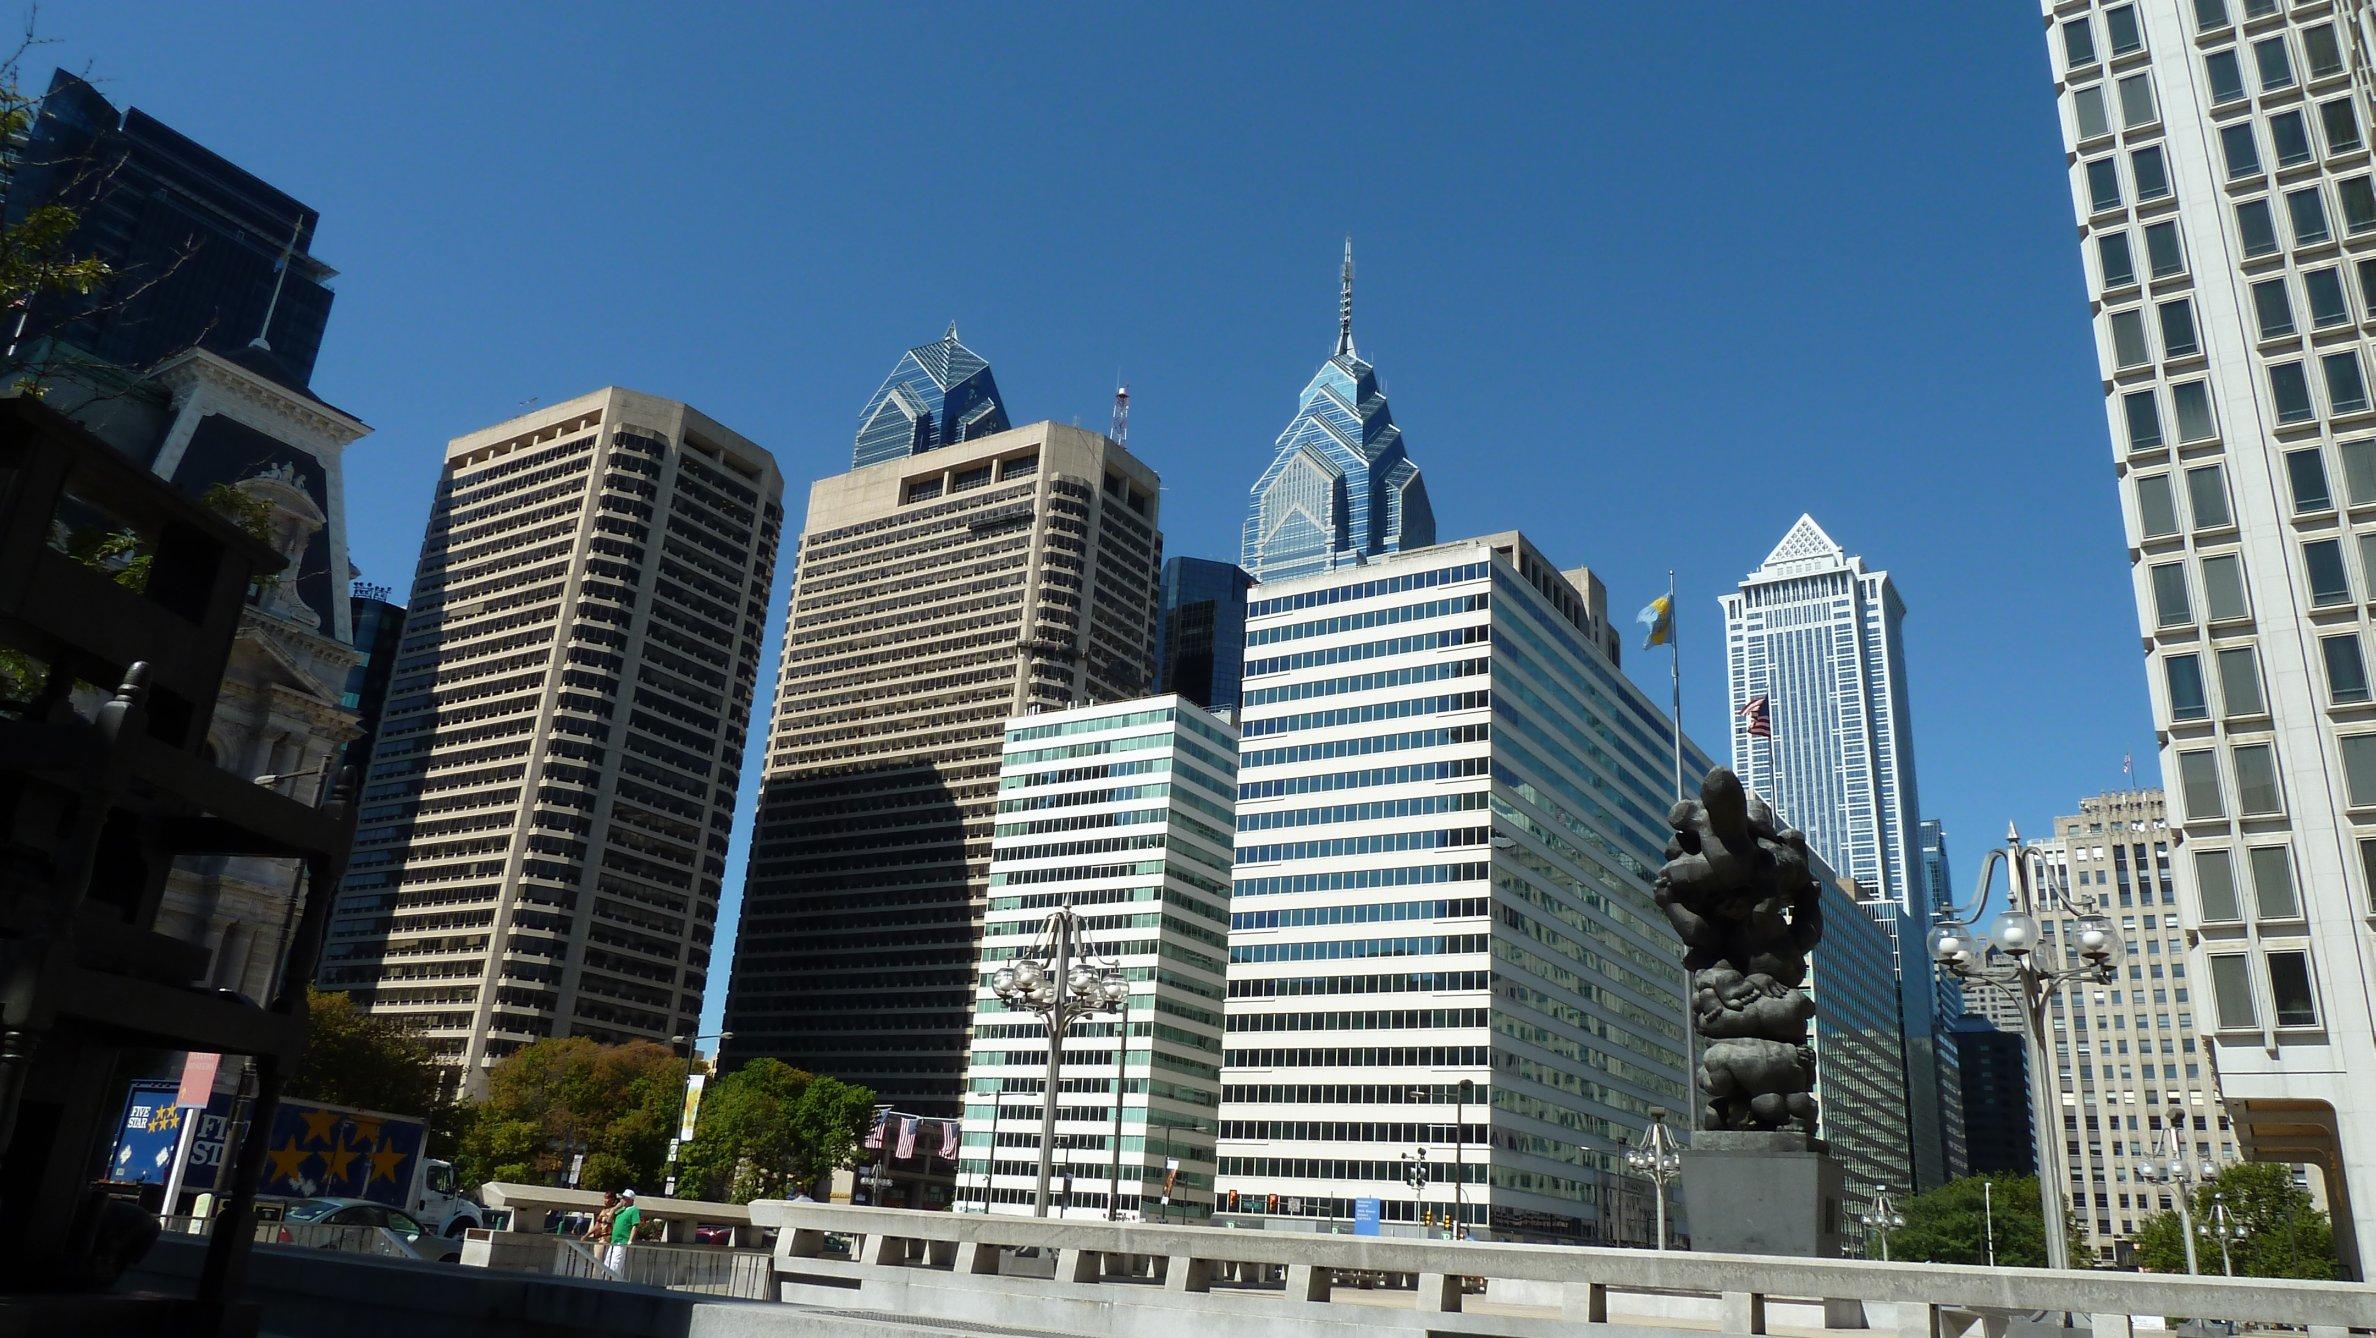 Philadelphia_0032